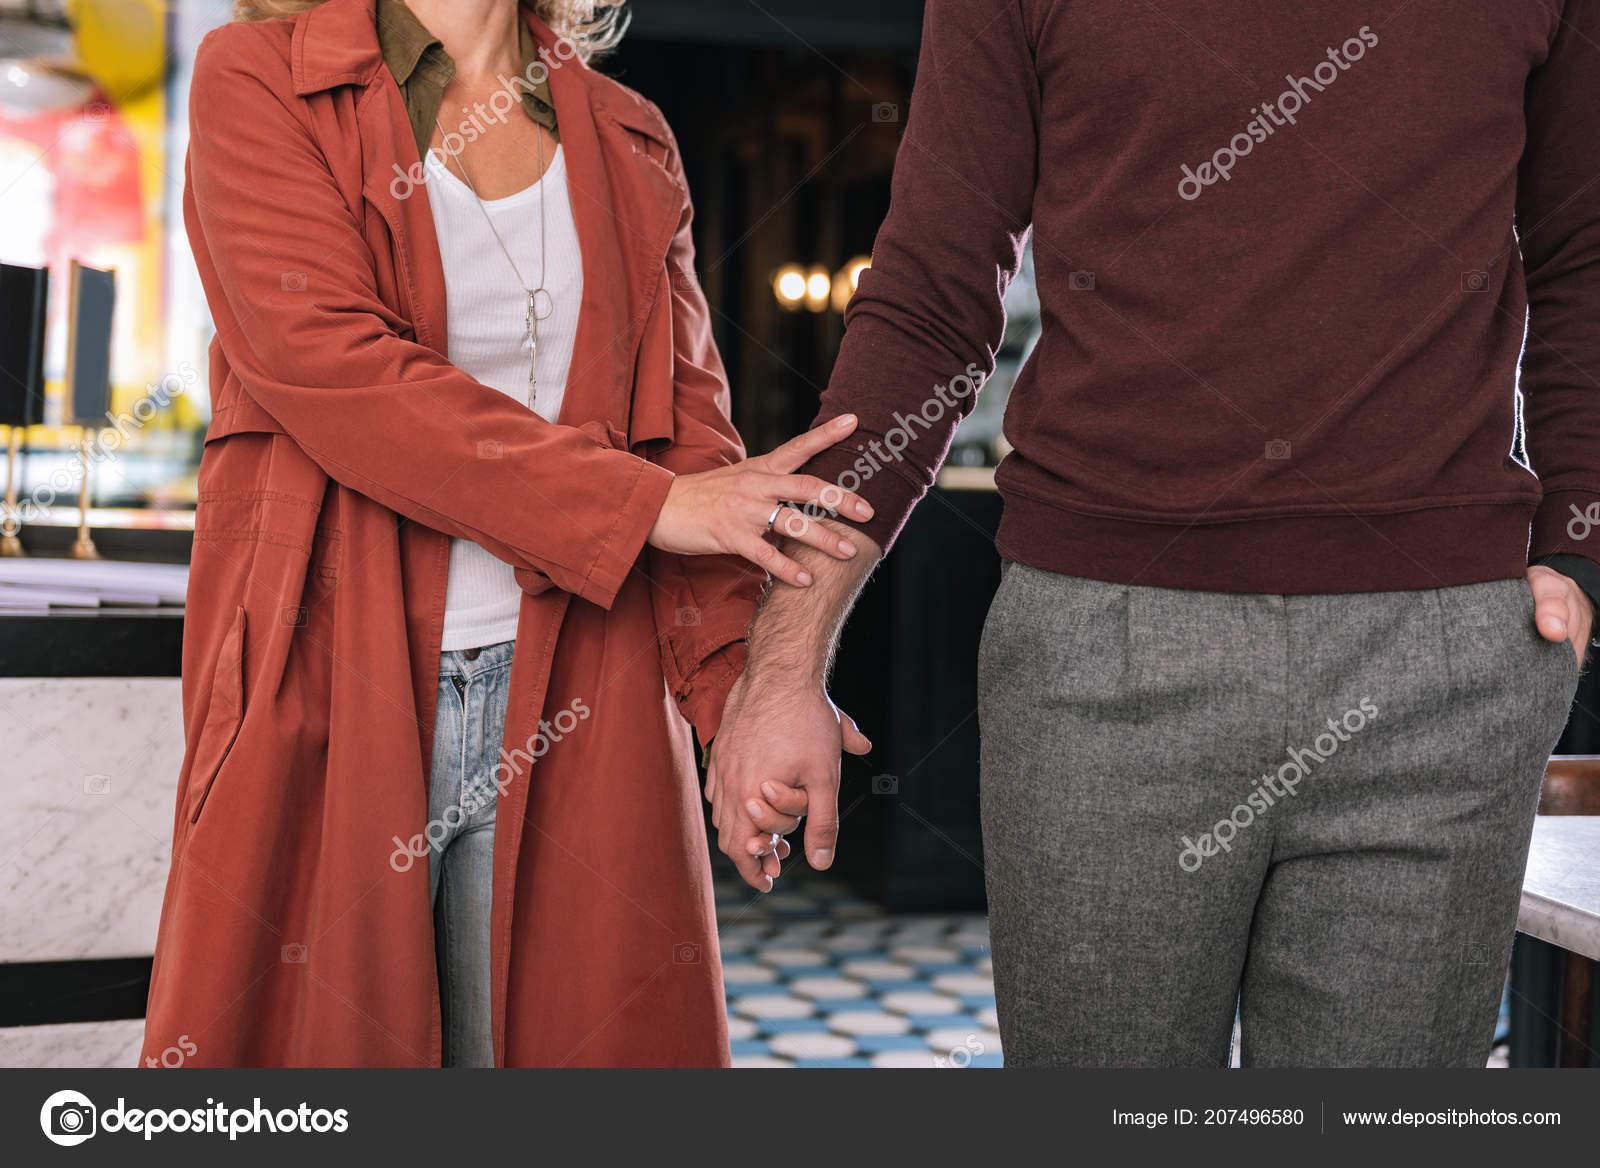 Große Alterslücke bei der DatierungMännlicher Dating-Blog